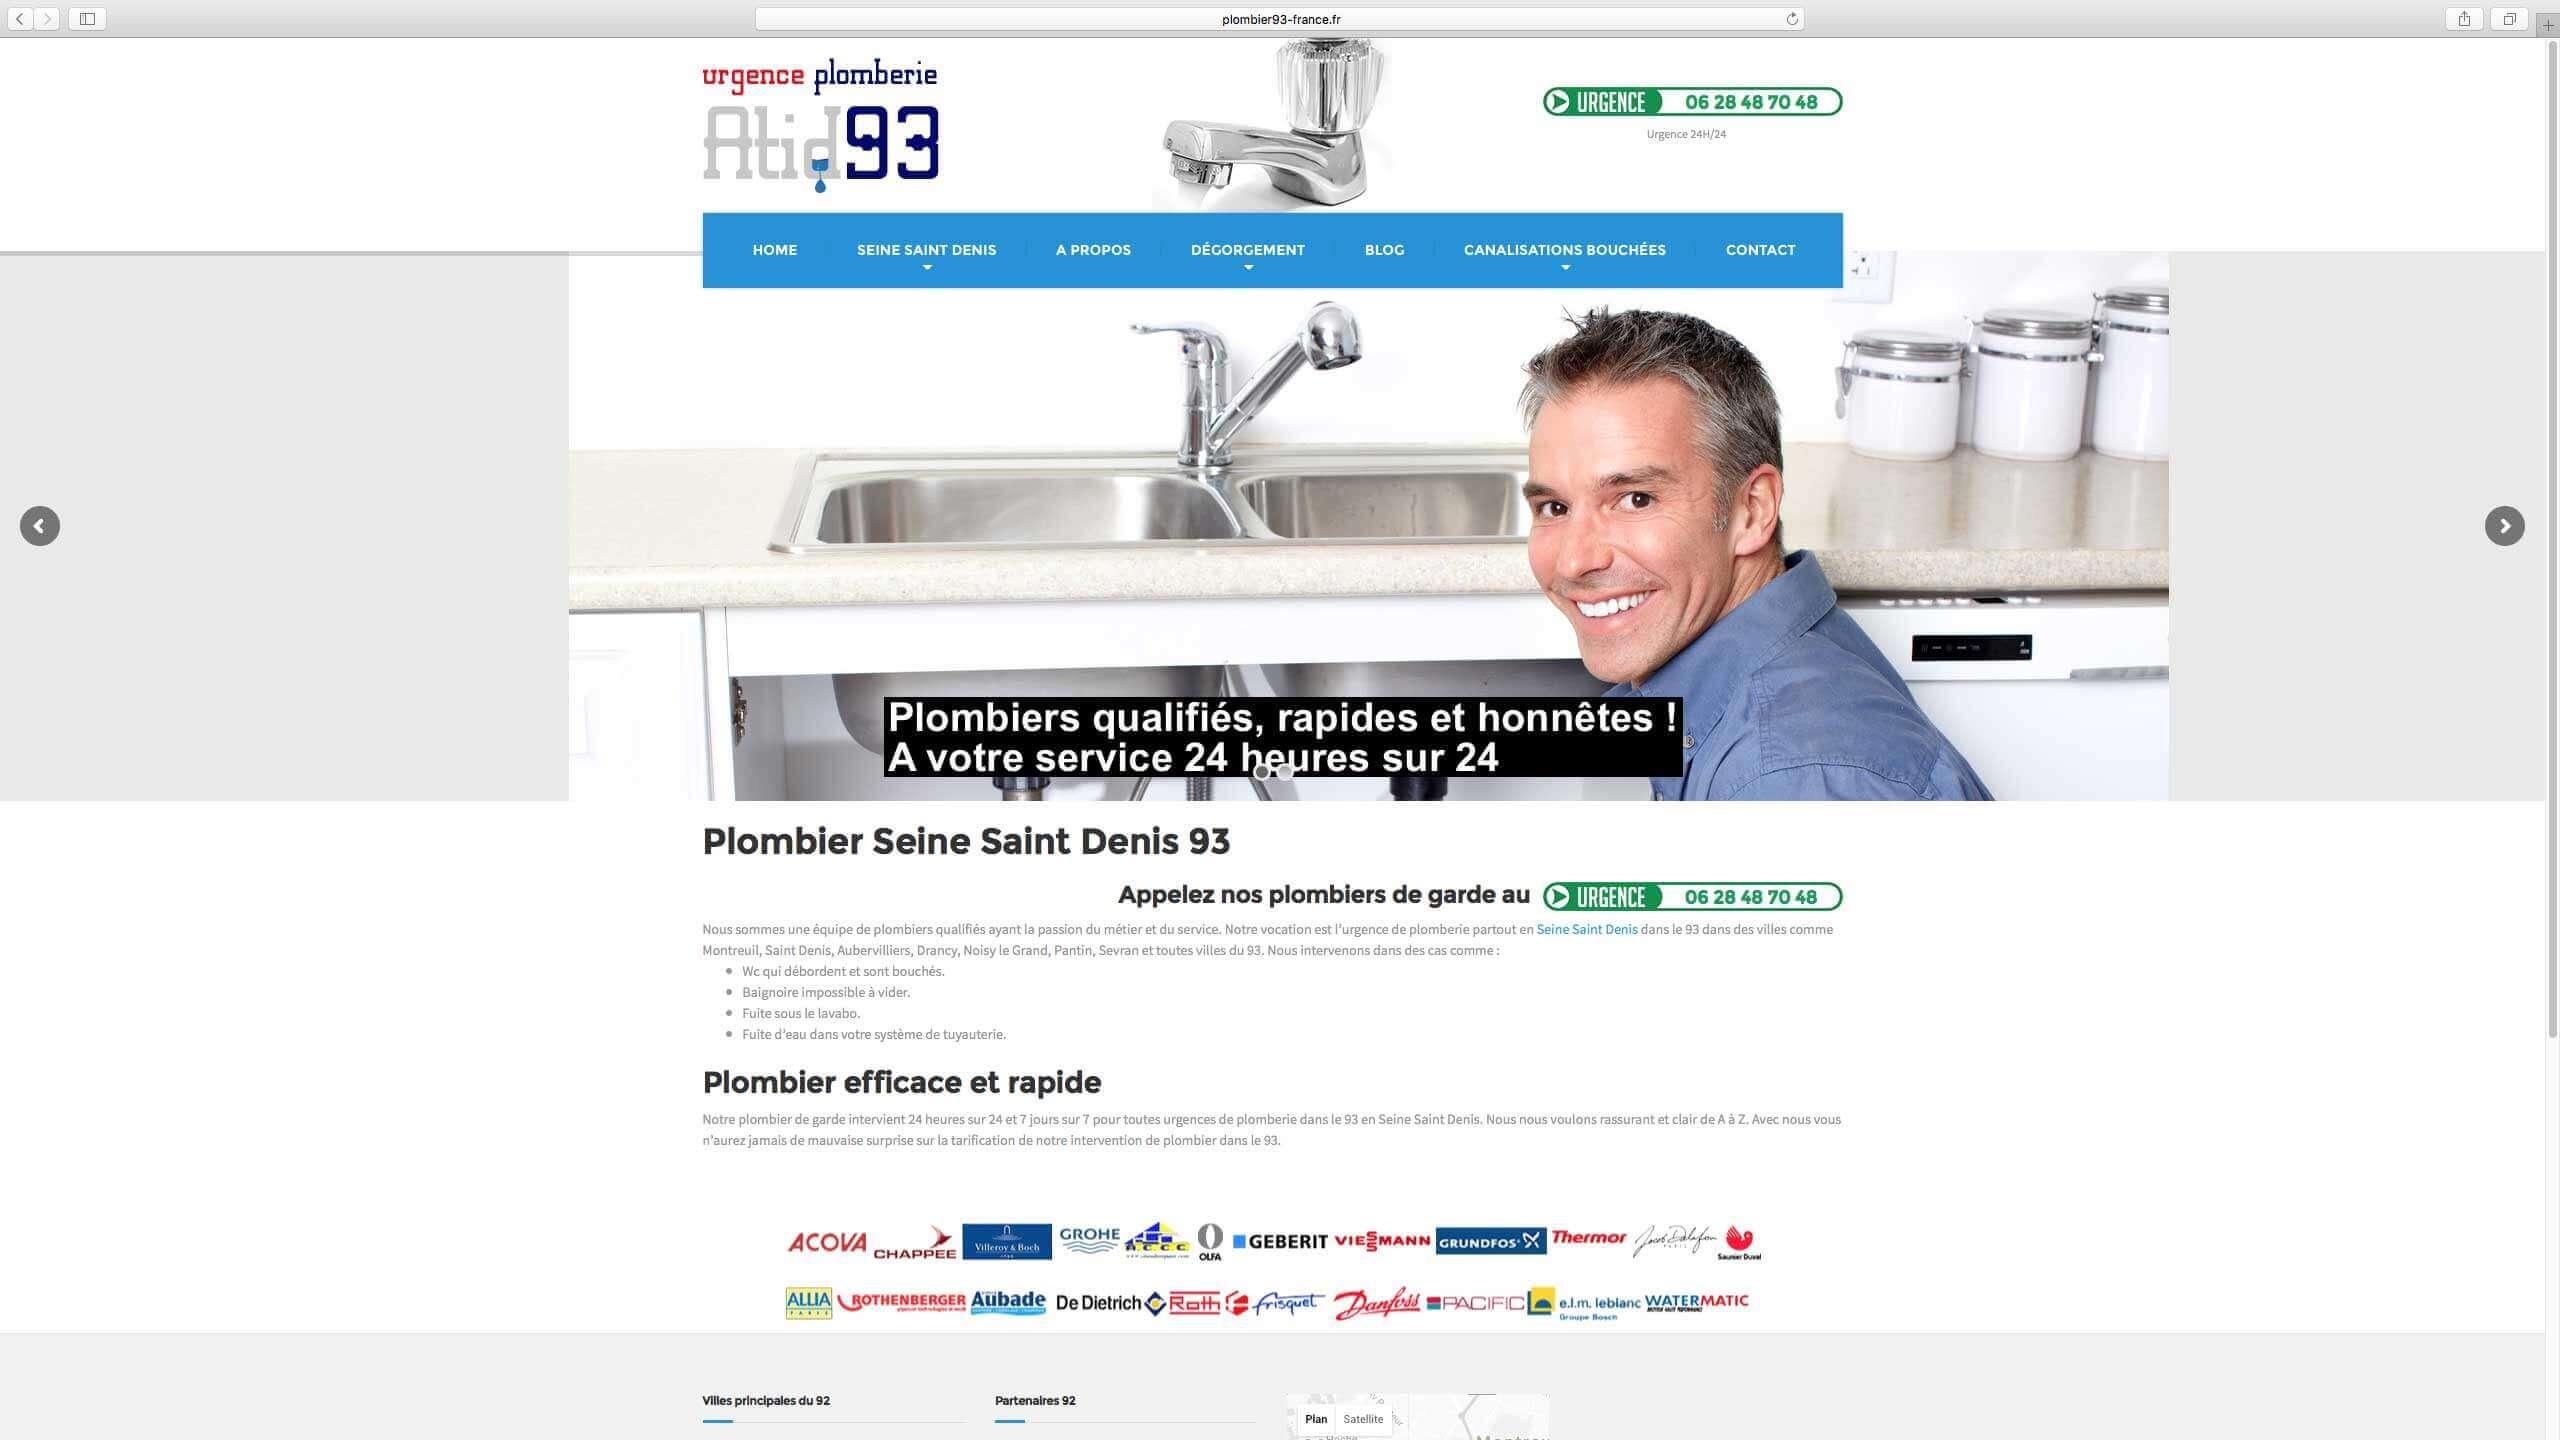 Capture d'écran du site internet Plombier93 réalisé par Kevin de Sousa